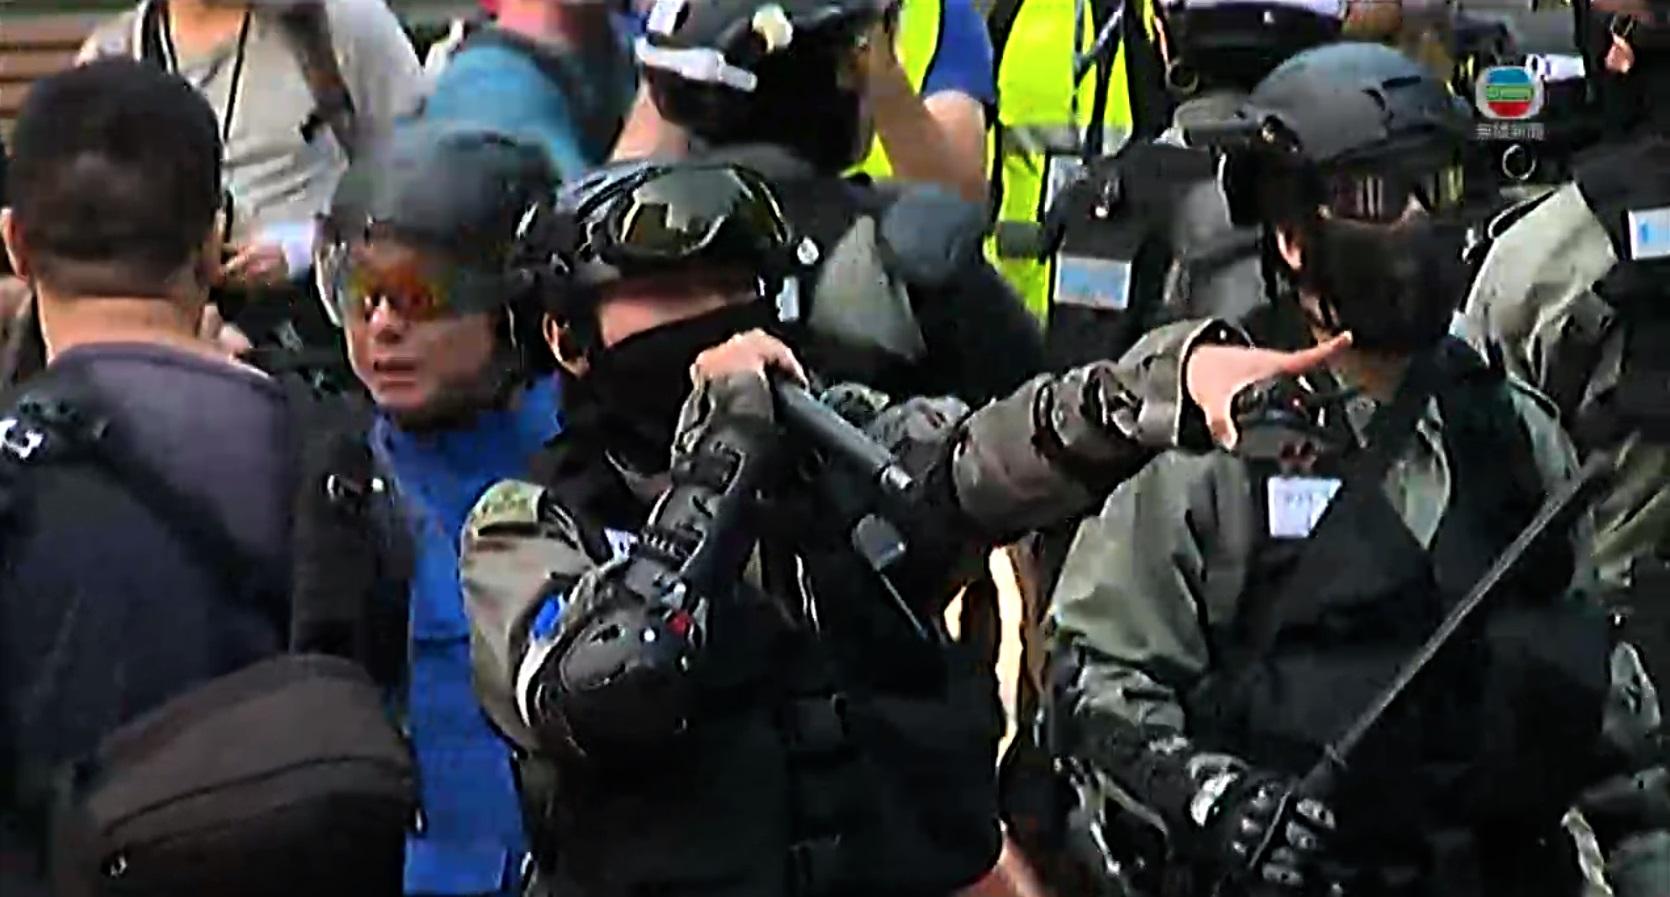 【修例风波】示威者维园拆栏掟砖堵高士威道 警方催泪弹驱散